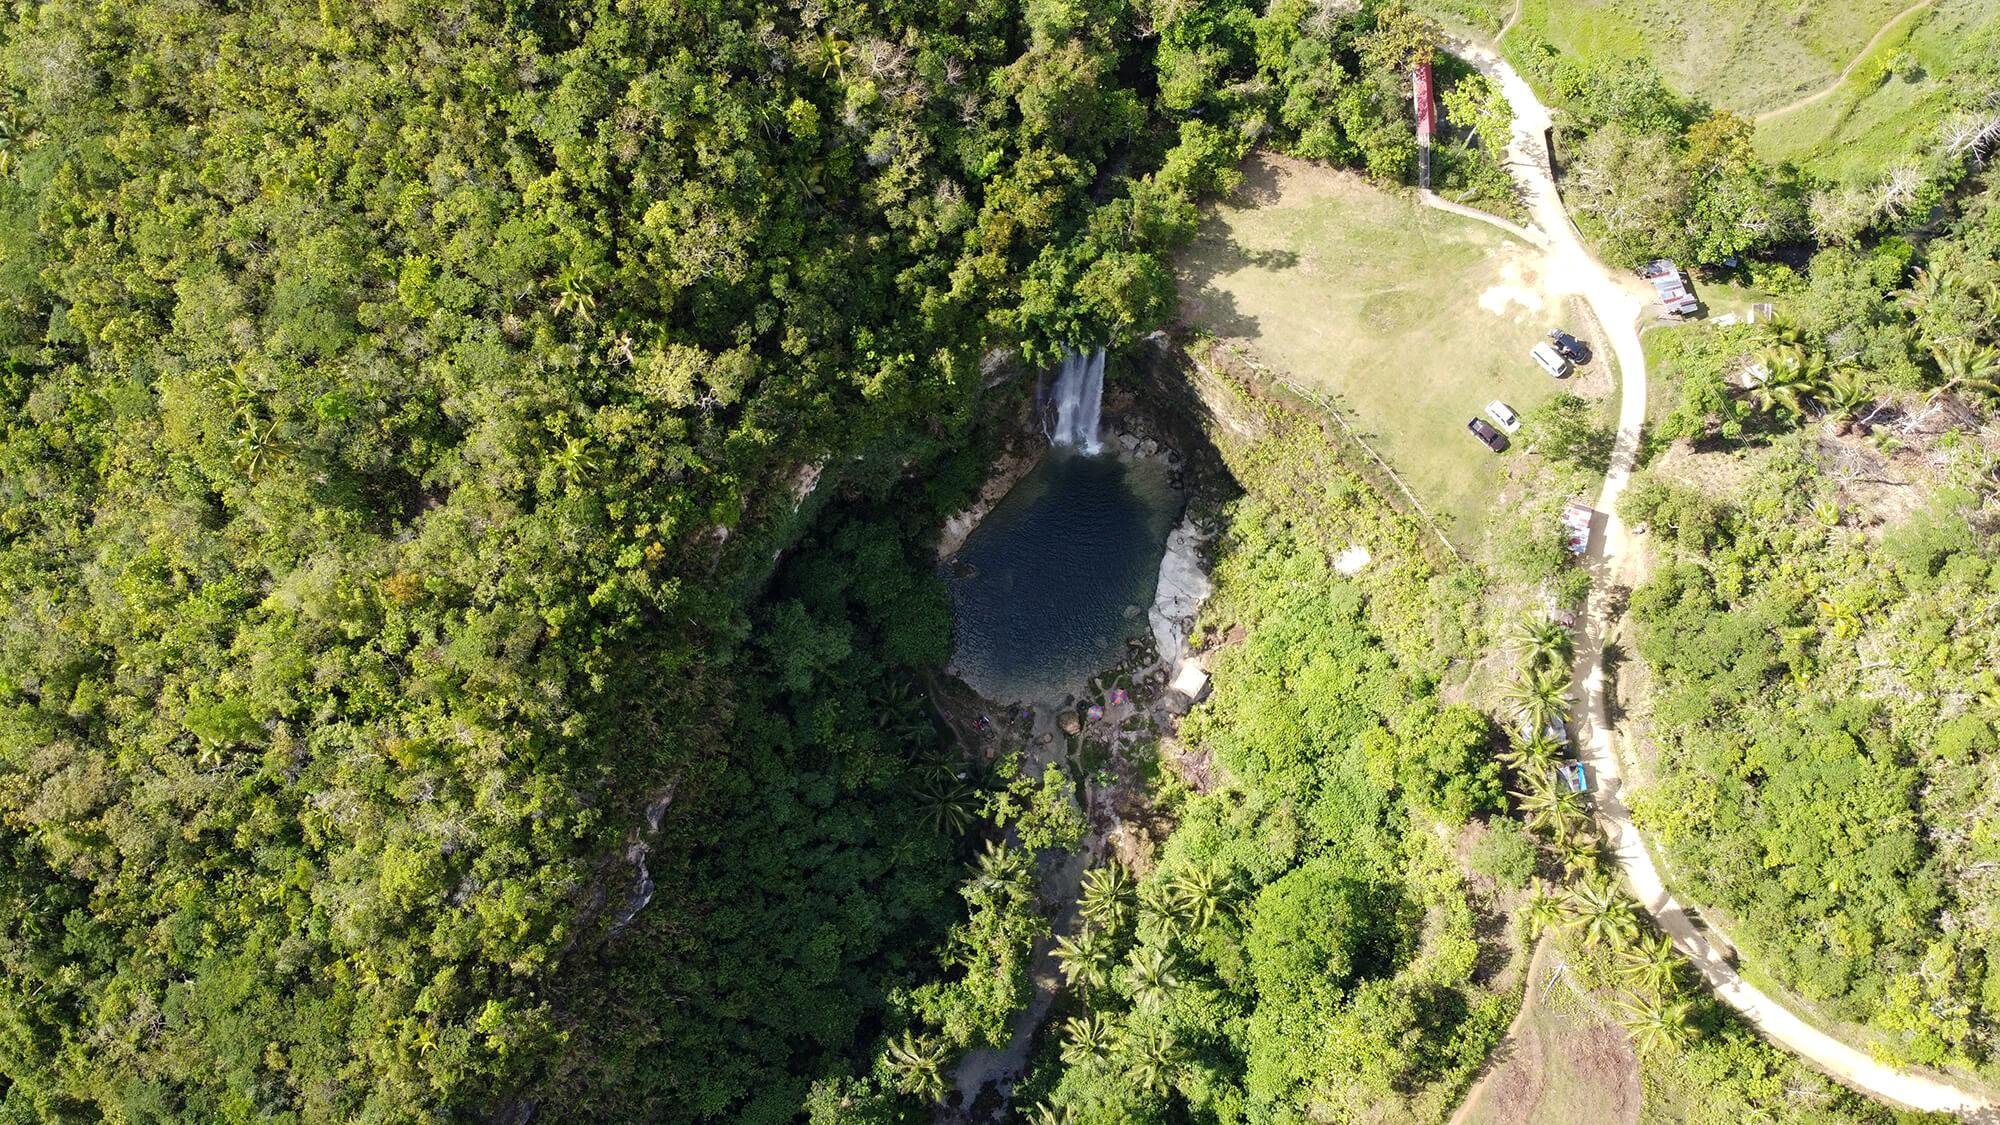 Cascada a vista de dron en la isla filipina de Bohol